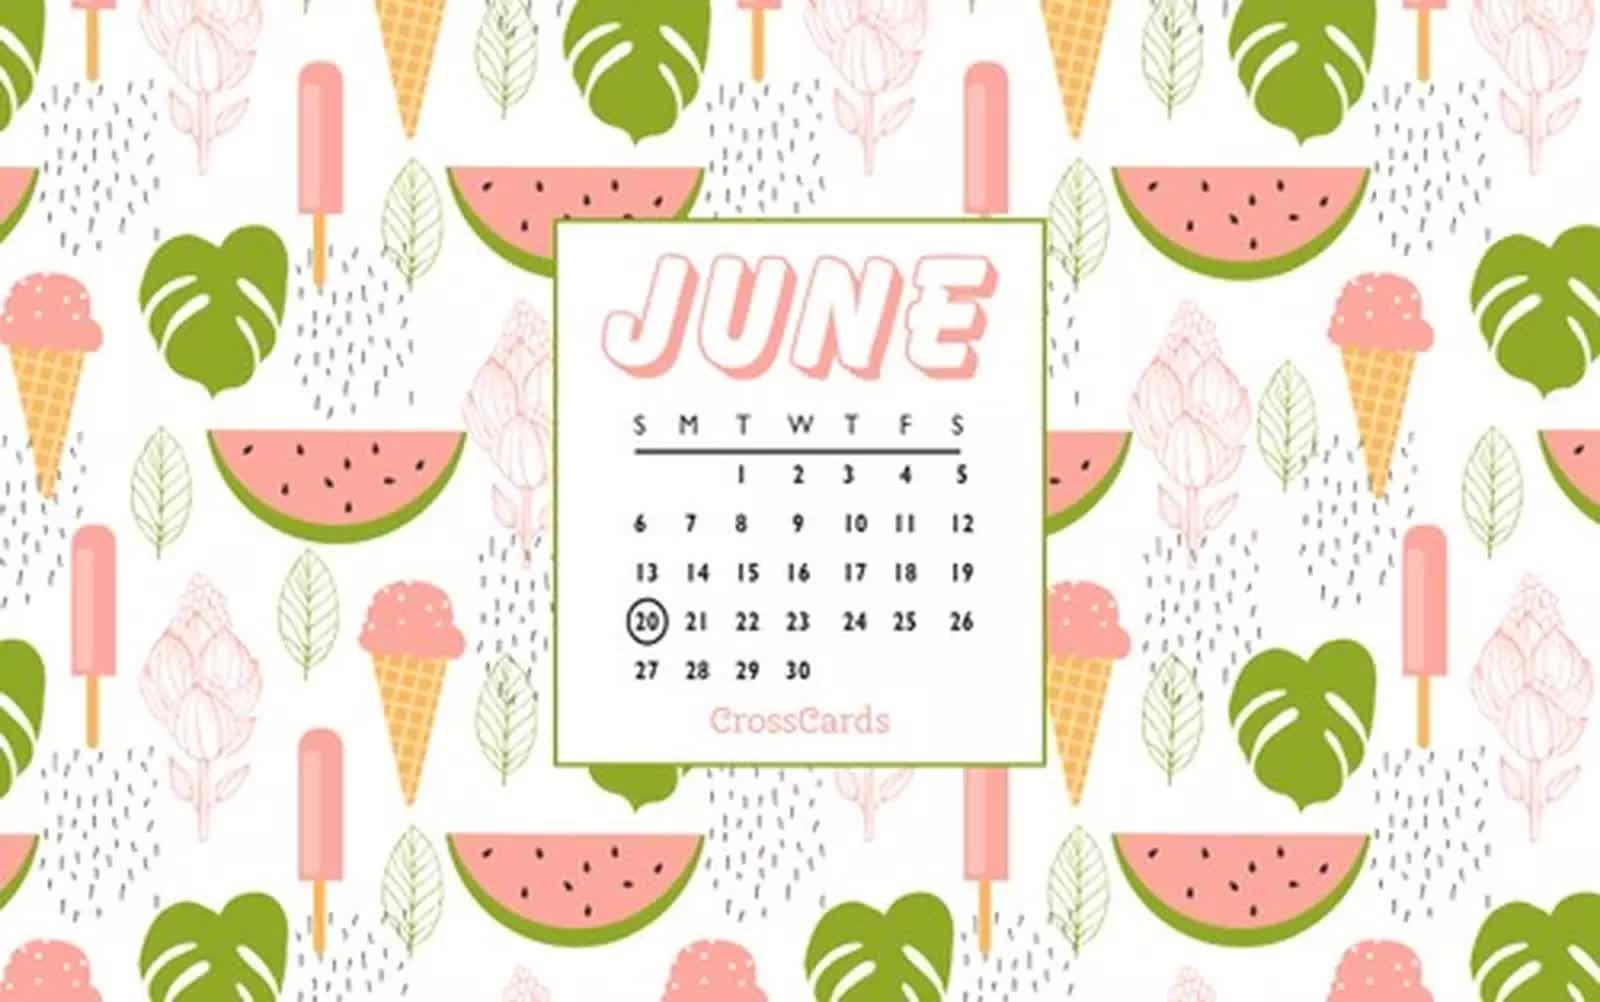 June 2021 - Watermelons mobile phone wallpaper